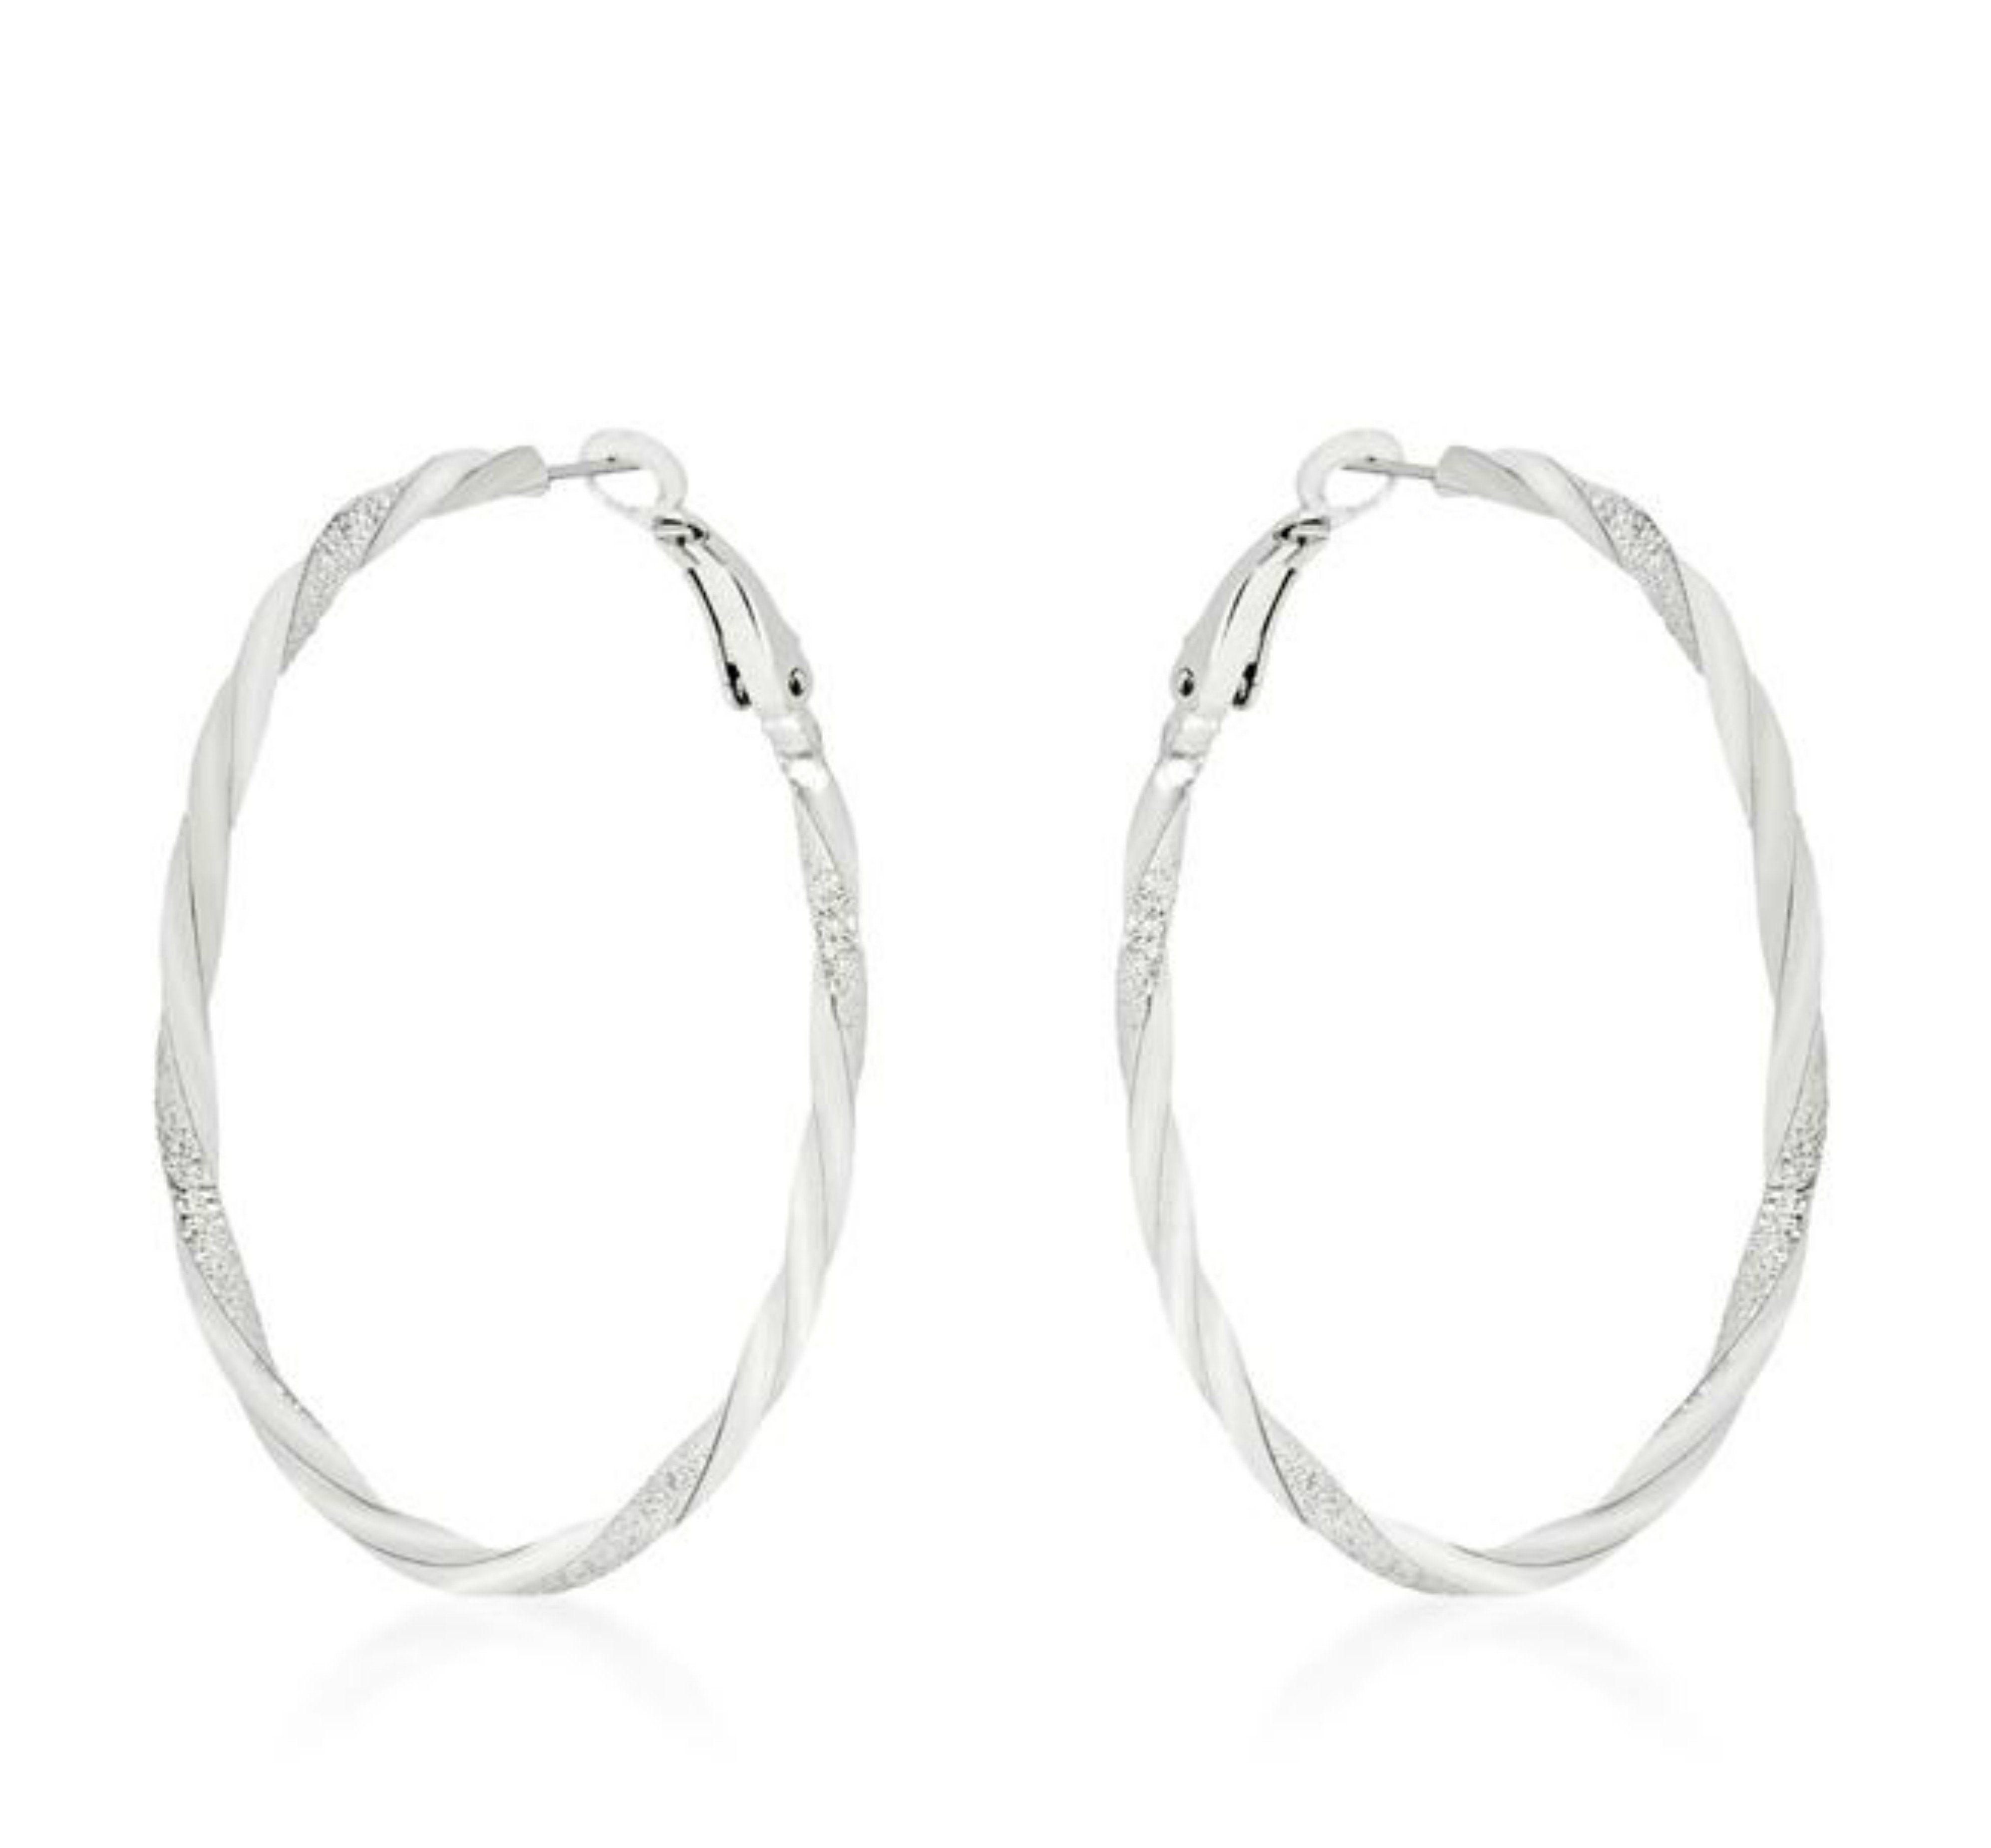 bdf62ae16 Abia Silvertone Twisting Large Hoop Earrings | Cubic Zirconia | Silver